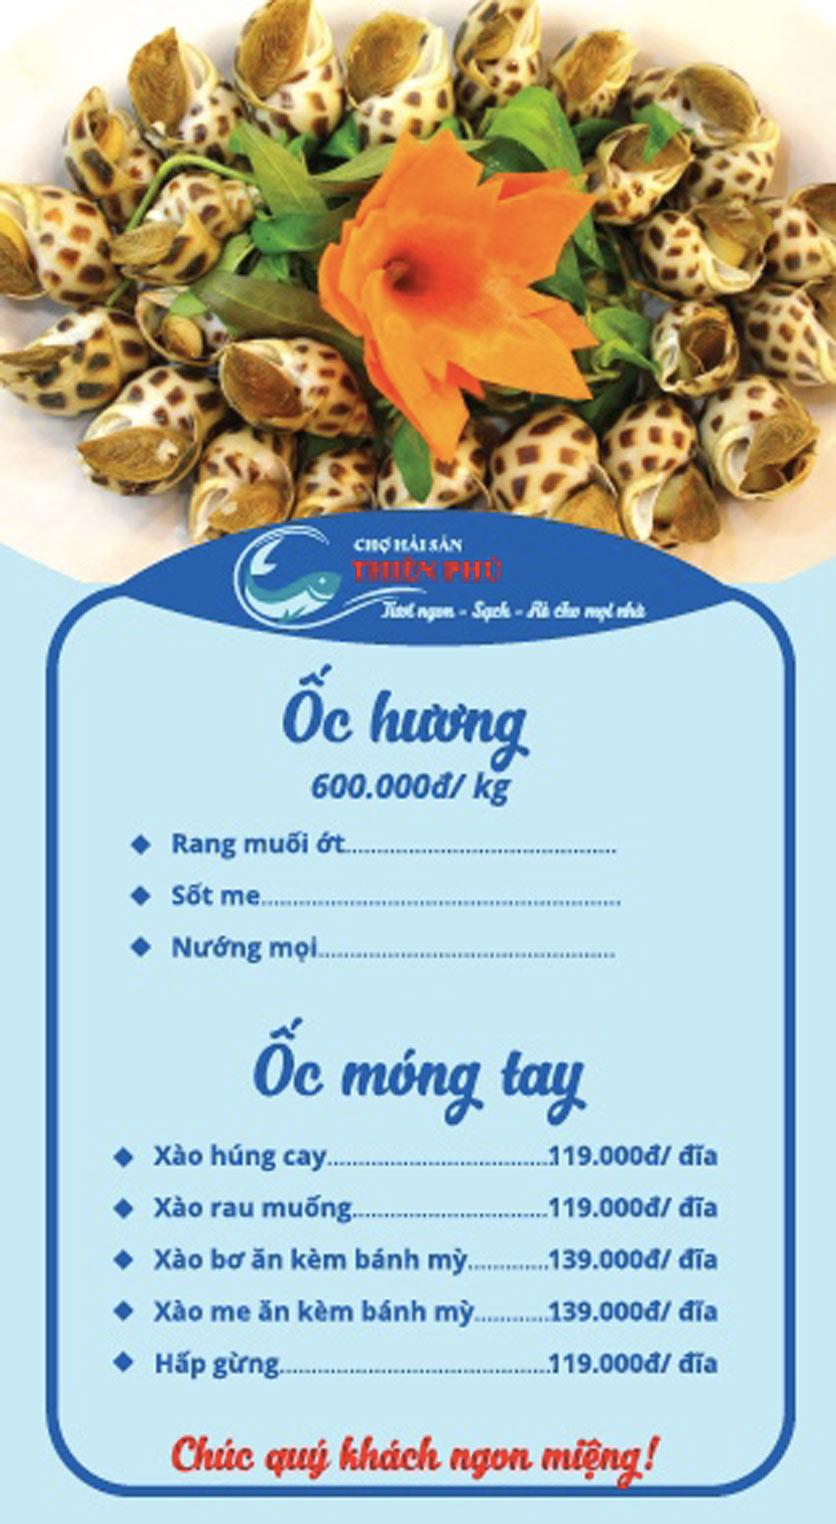 Menu Chợ Hải Sản Thiên Phú - KĐT Văn Phú 2